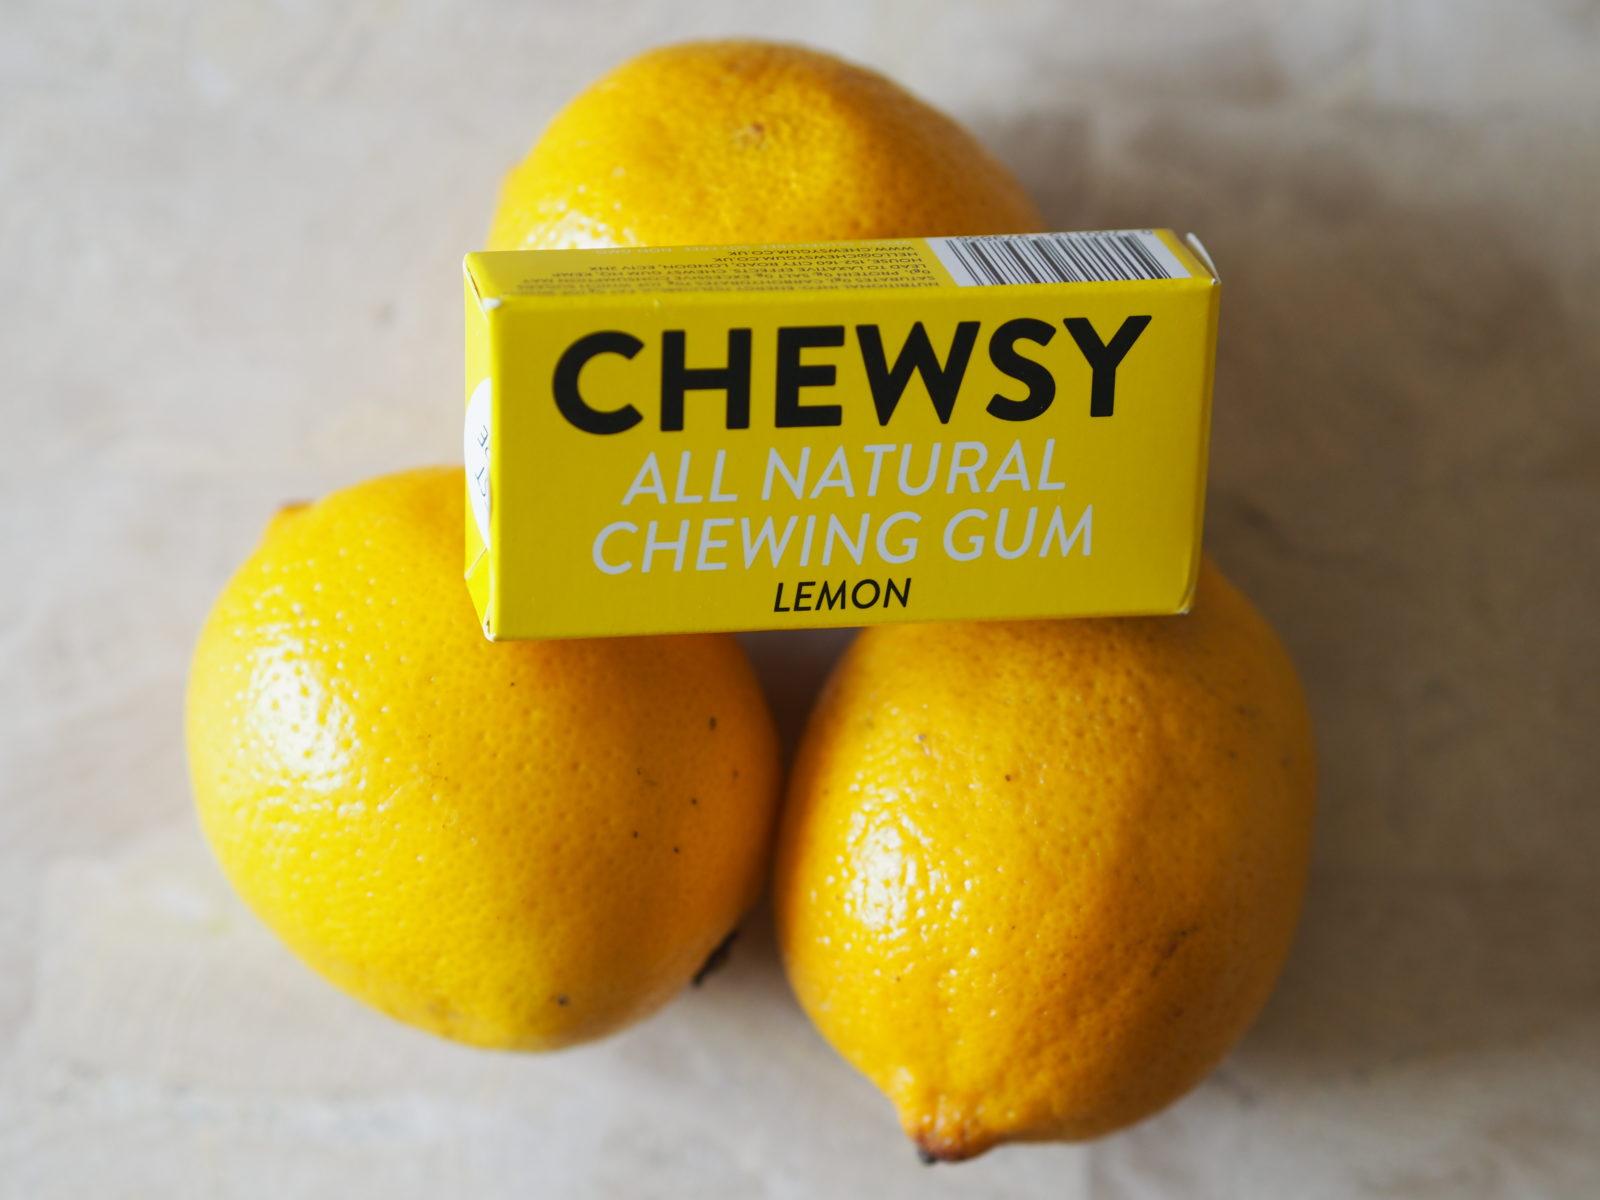 chewsy gum lemon flavour